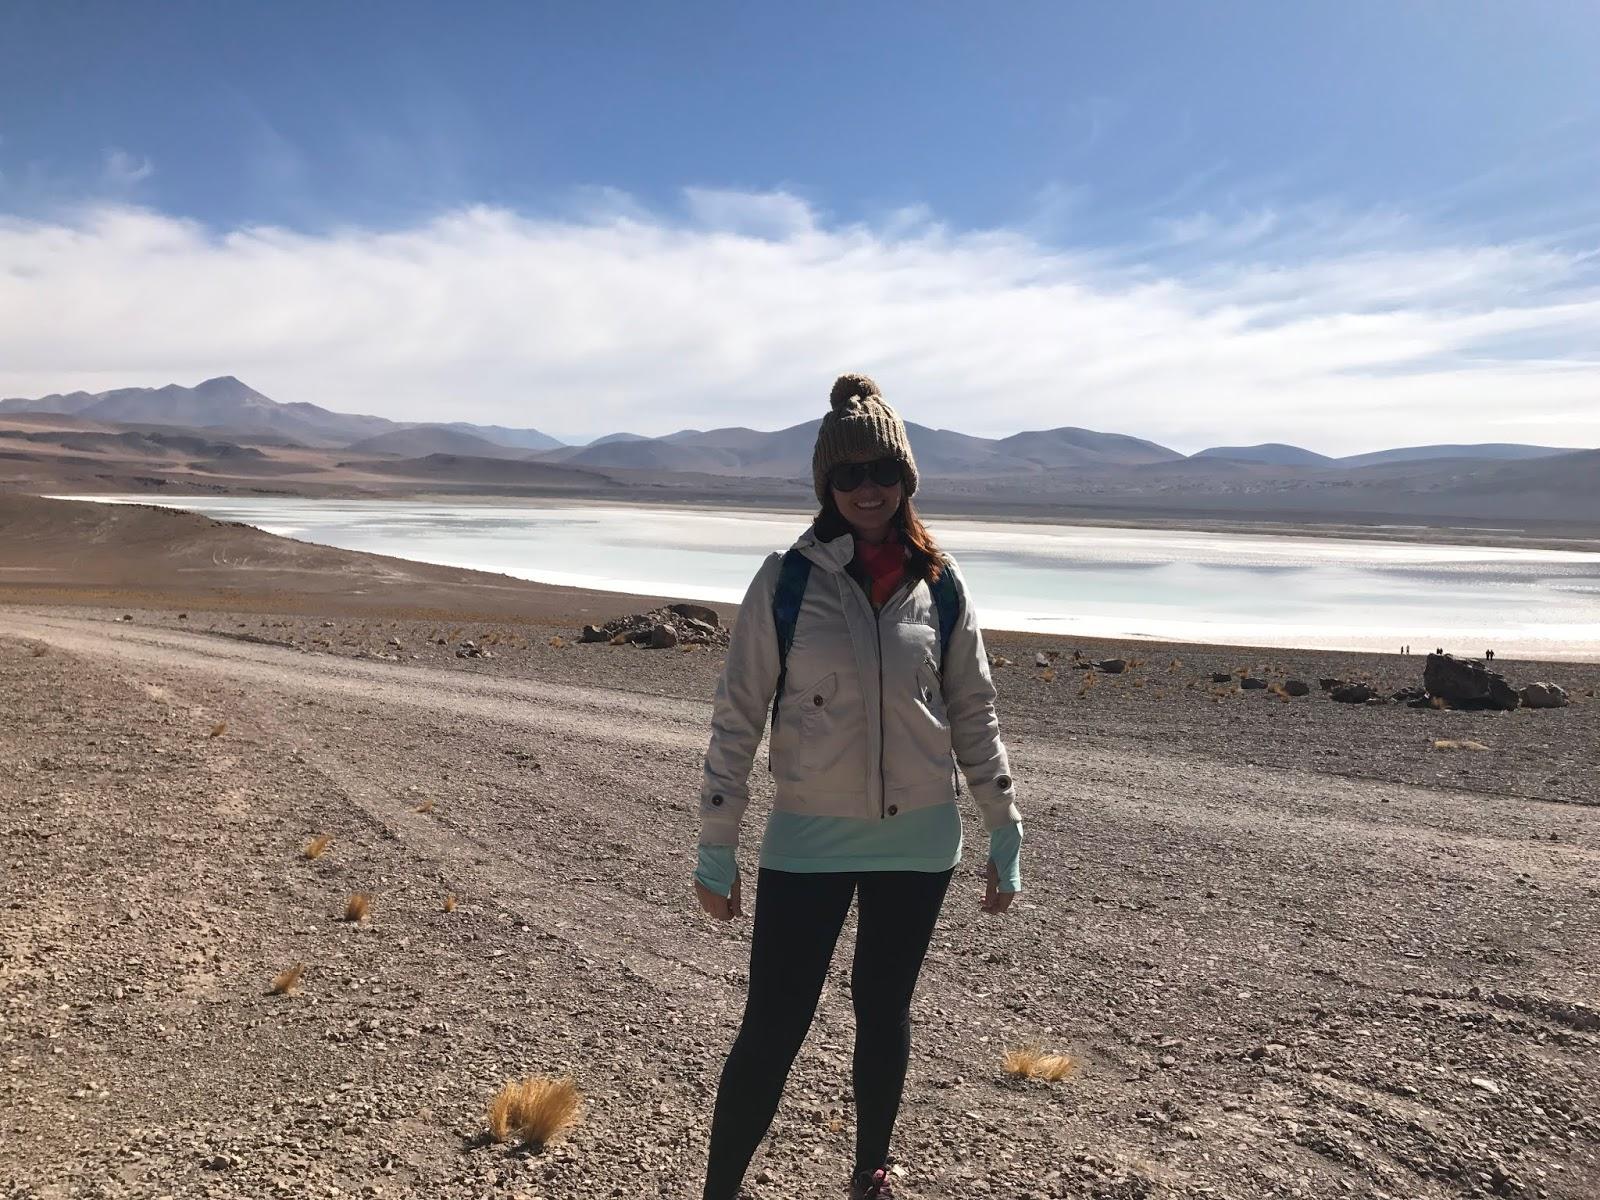 Laguna Tuyacto - Deserto do Atacama